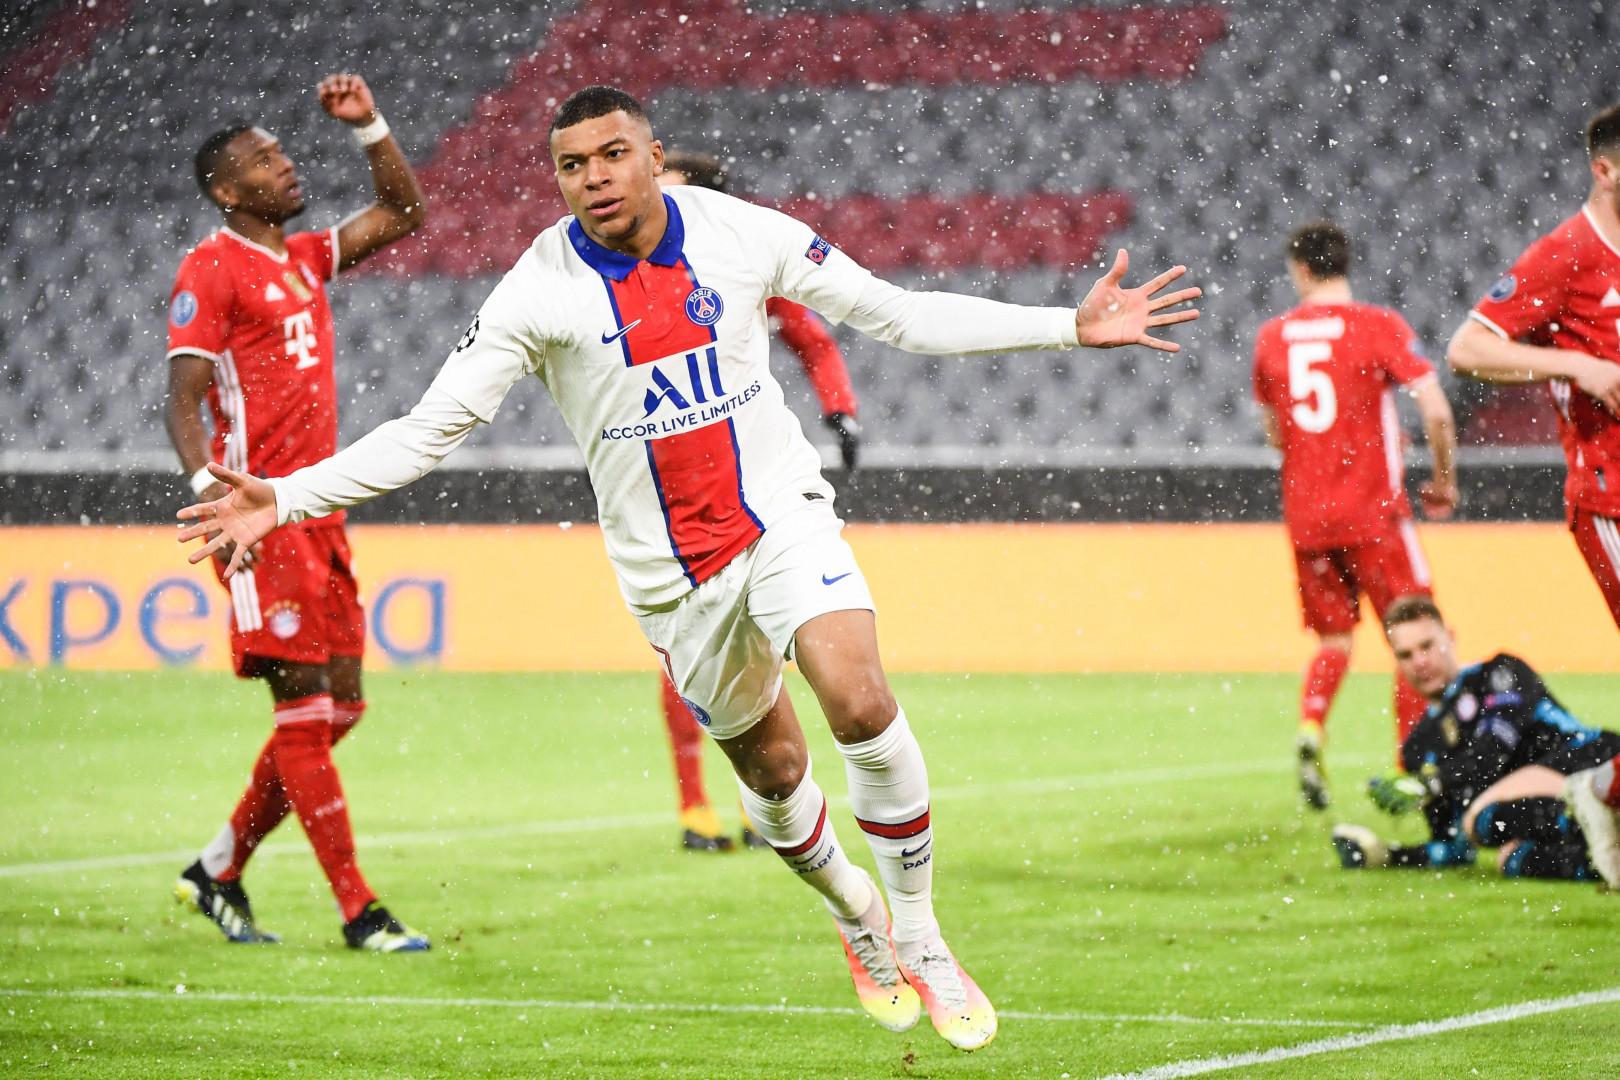 ابطال اوروبا.. باريس يسقط بايرن وتشيلسي يخطف فوزاً ثميناً من بورتو